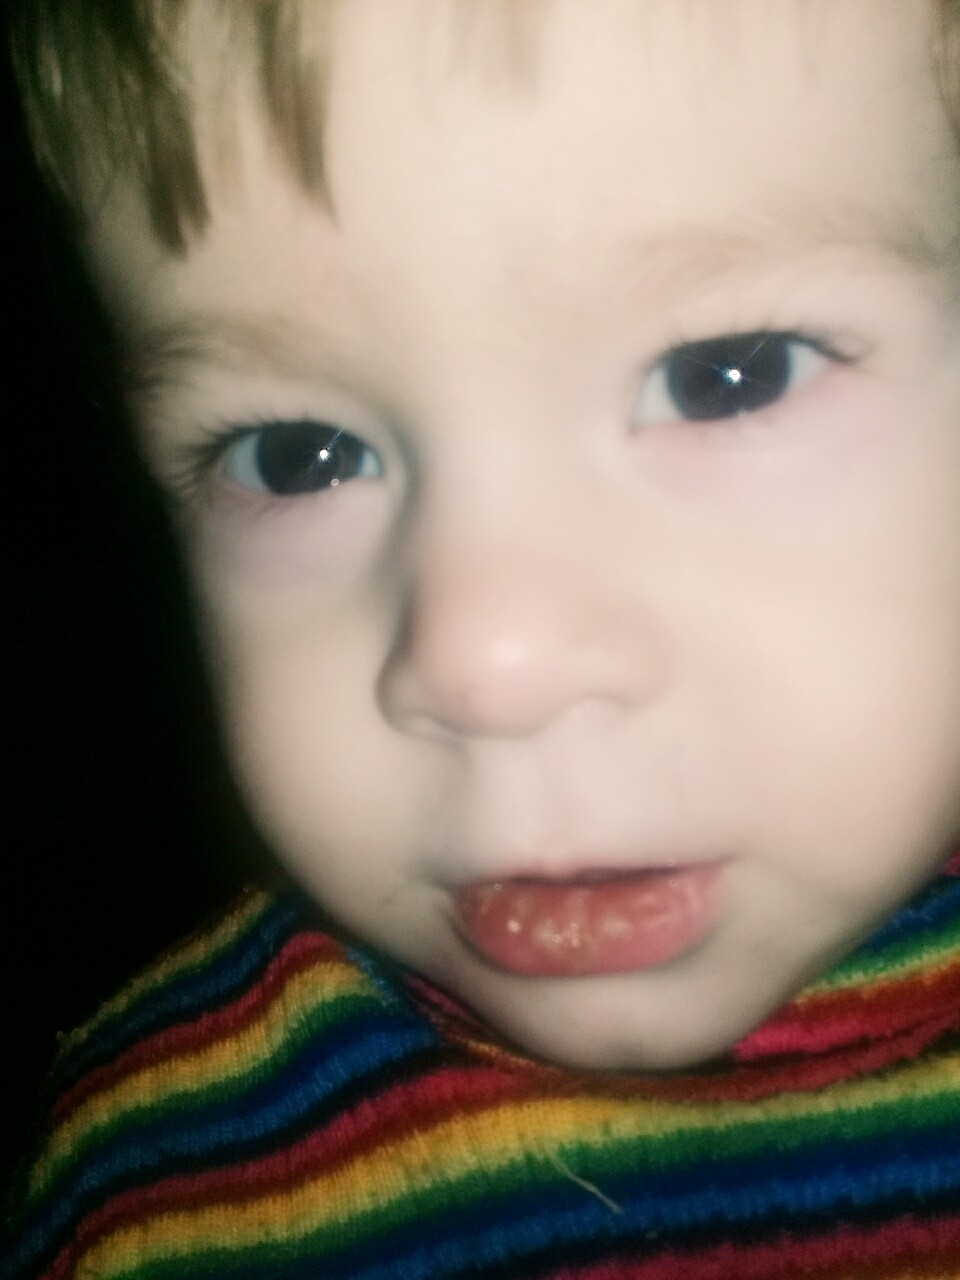 Срослись малые и большие губы у ребенка фото